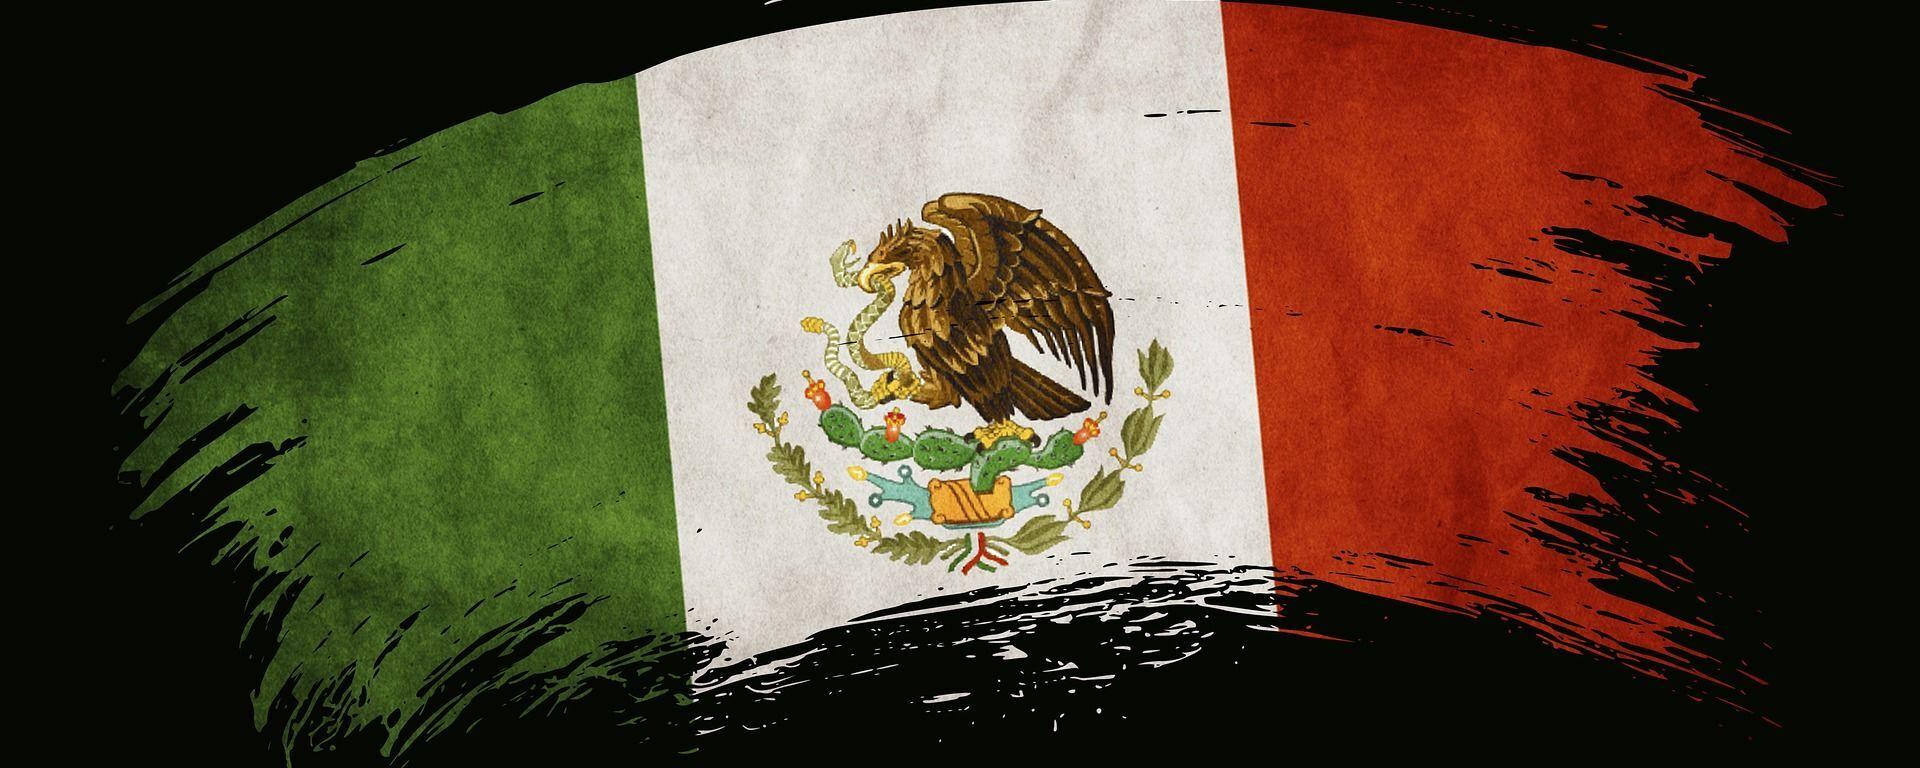 Bandera de México - Sputnik Mundo, 1920, 21.07.2021